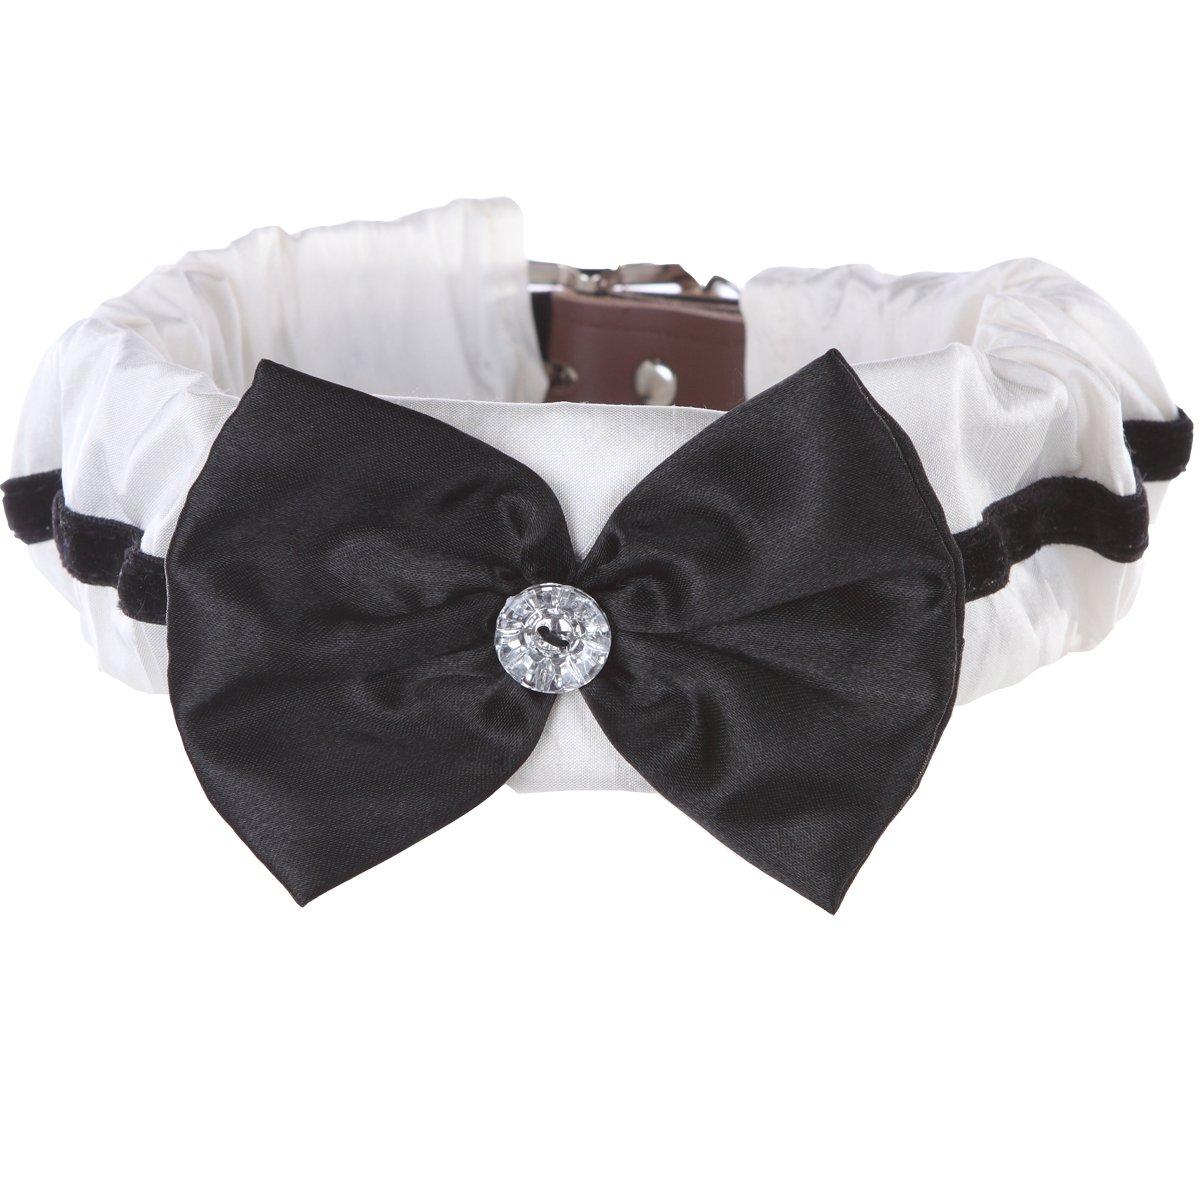 Medium Black & White Bow Tie Dog Collar Cover (Medium)